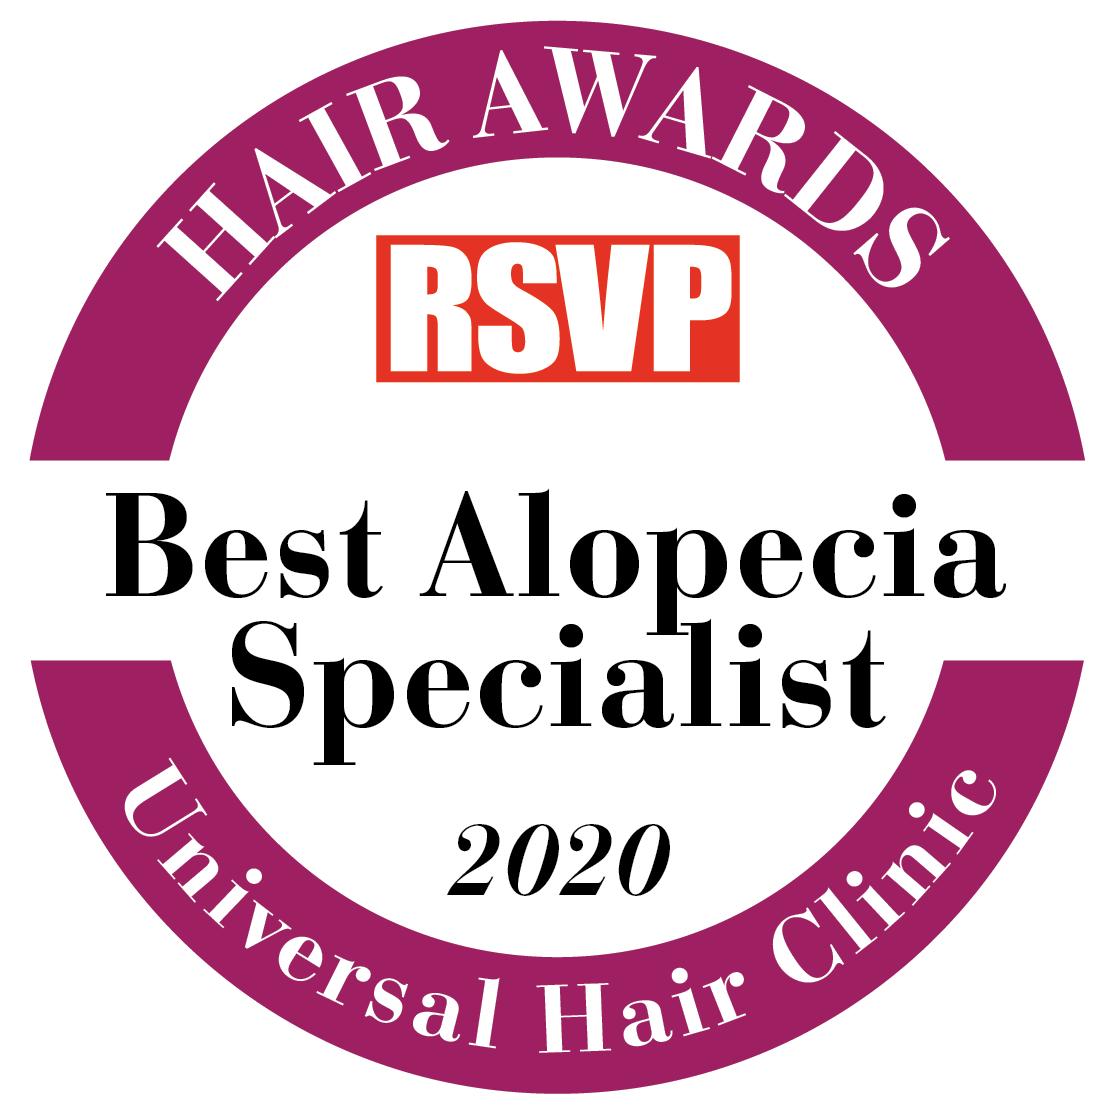 Hair Clinic Dublin - Hair Awards 2020